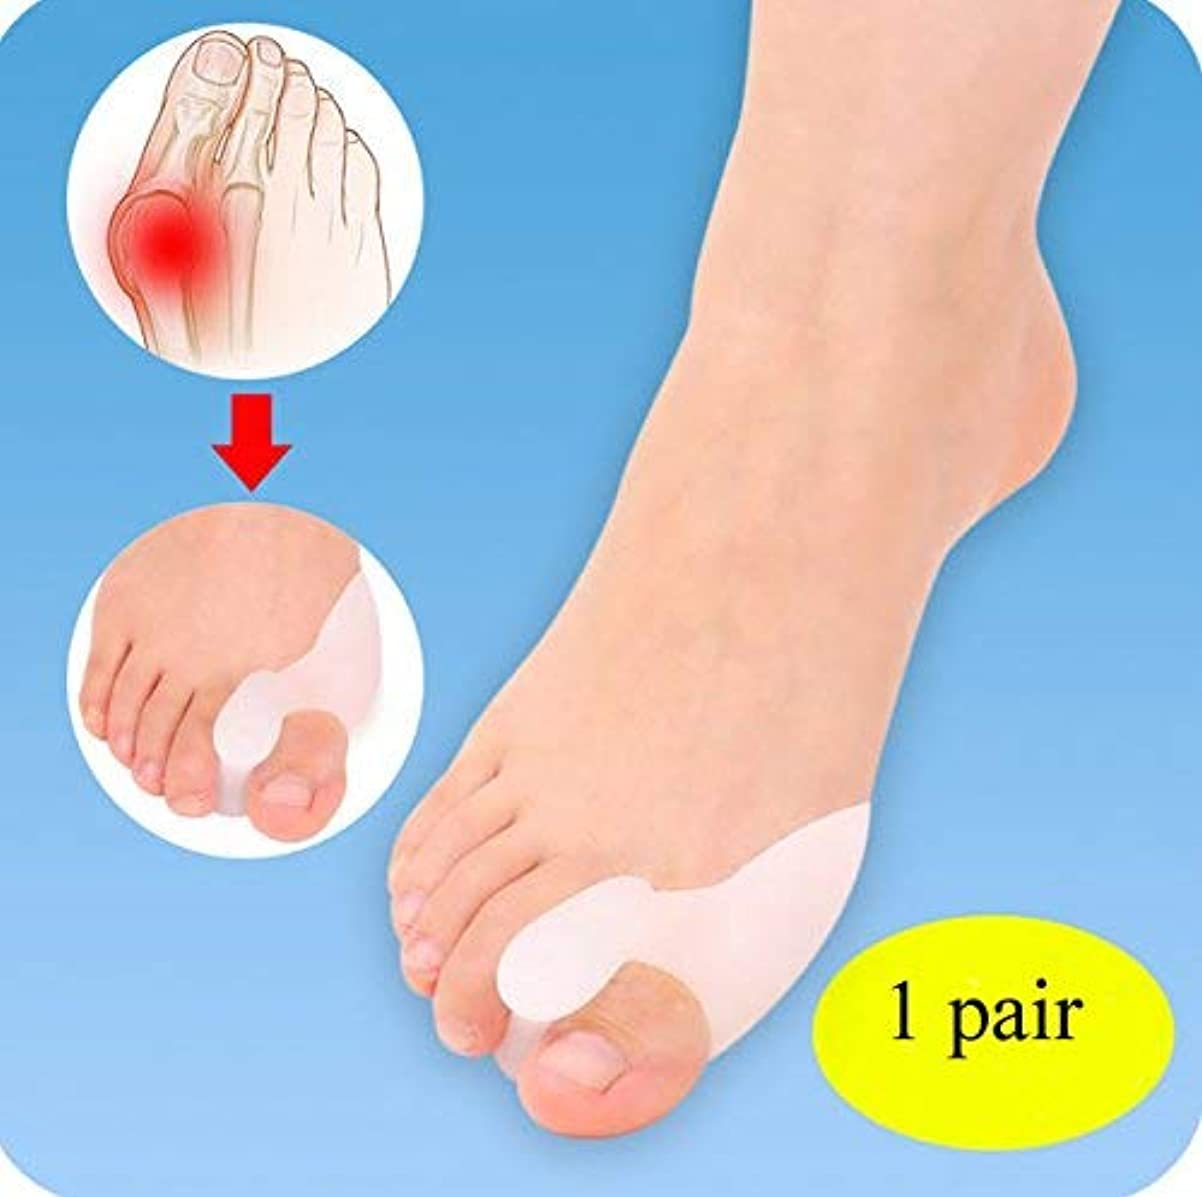 ブルジョンメタンリール1ダブルパック膀ス炎プロテクターゲルヒール痛ハルクスバルガスつま先分離シリコーン